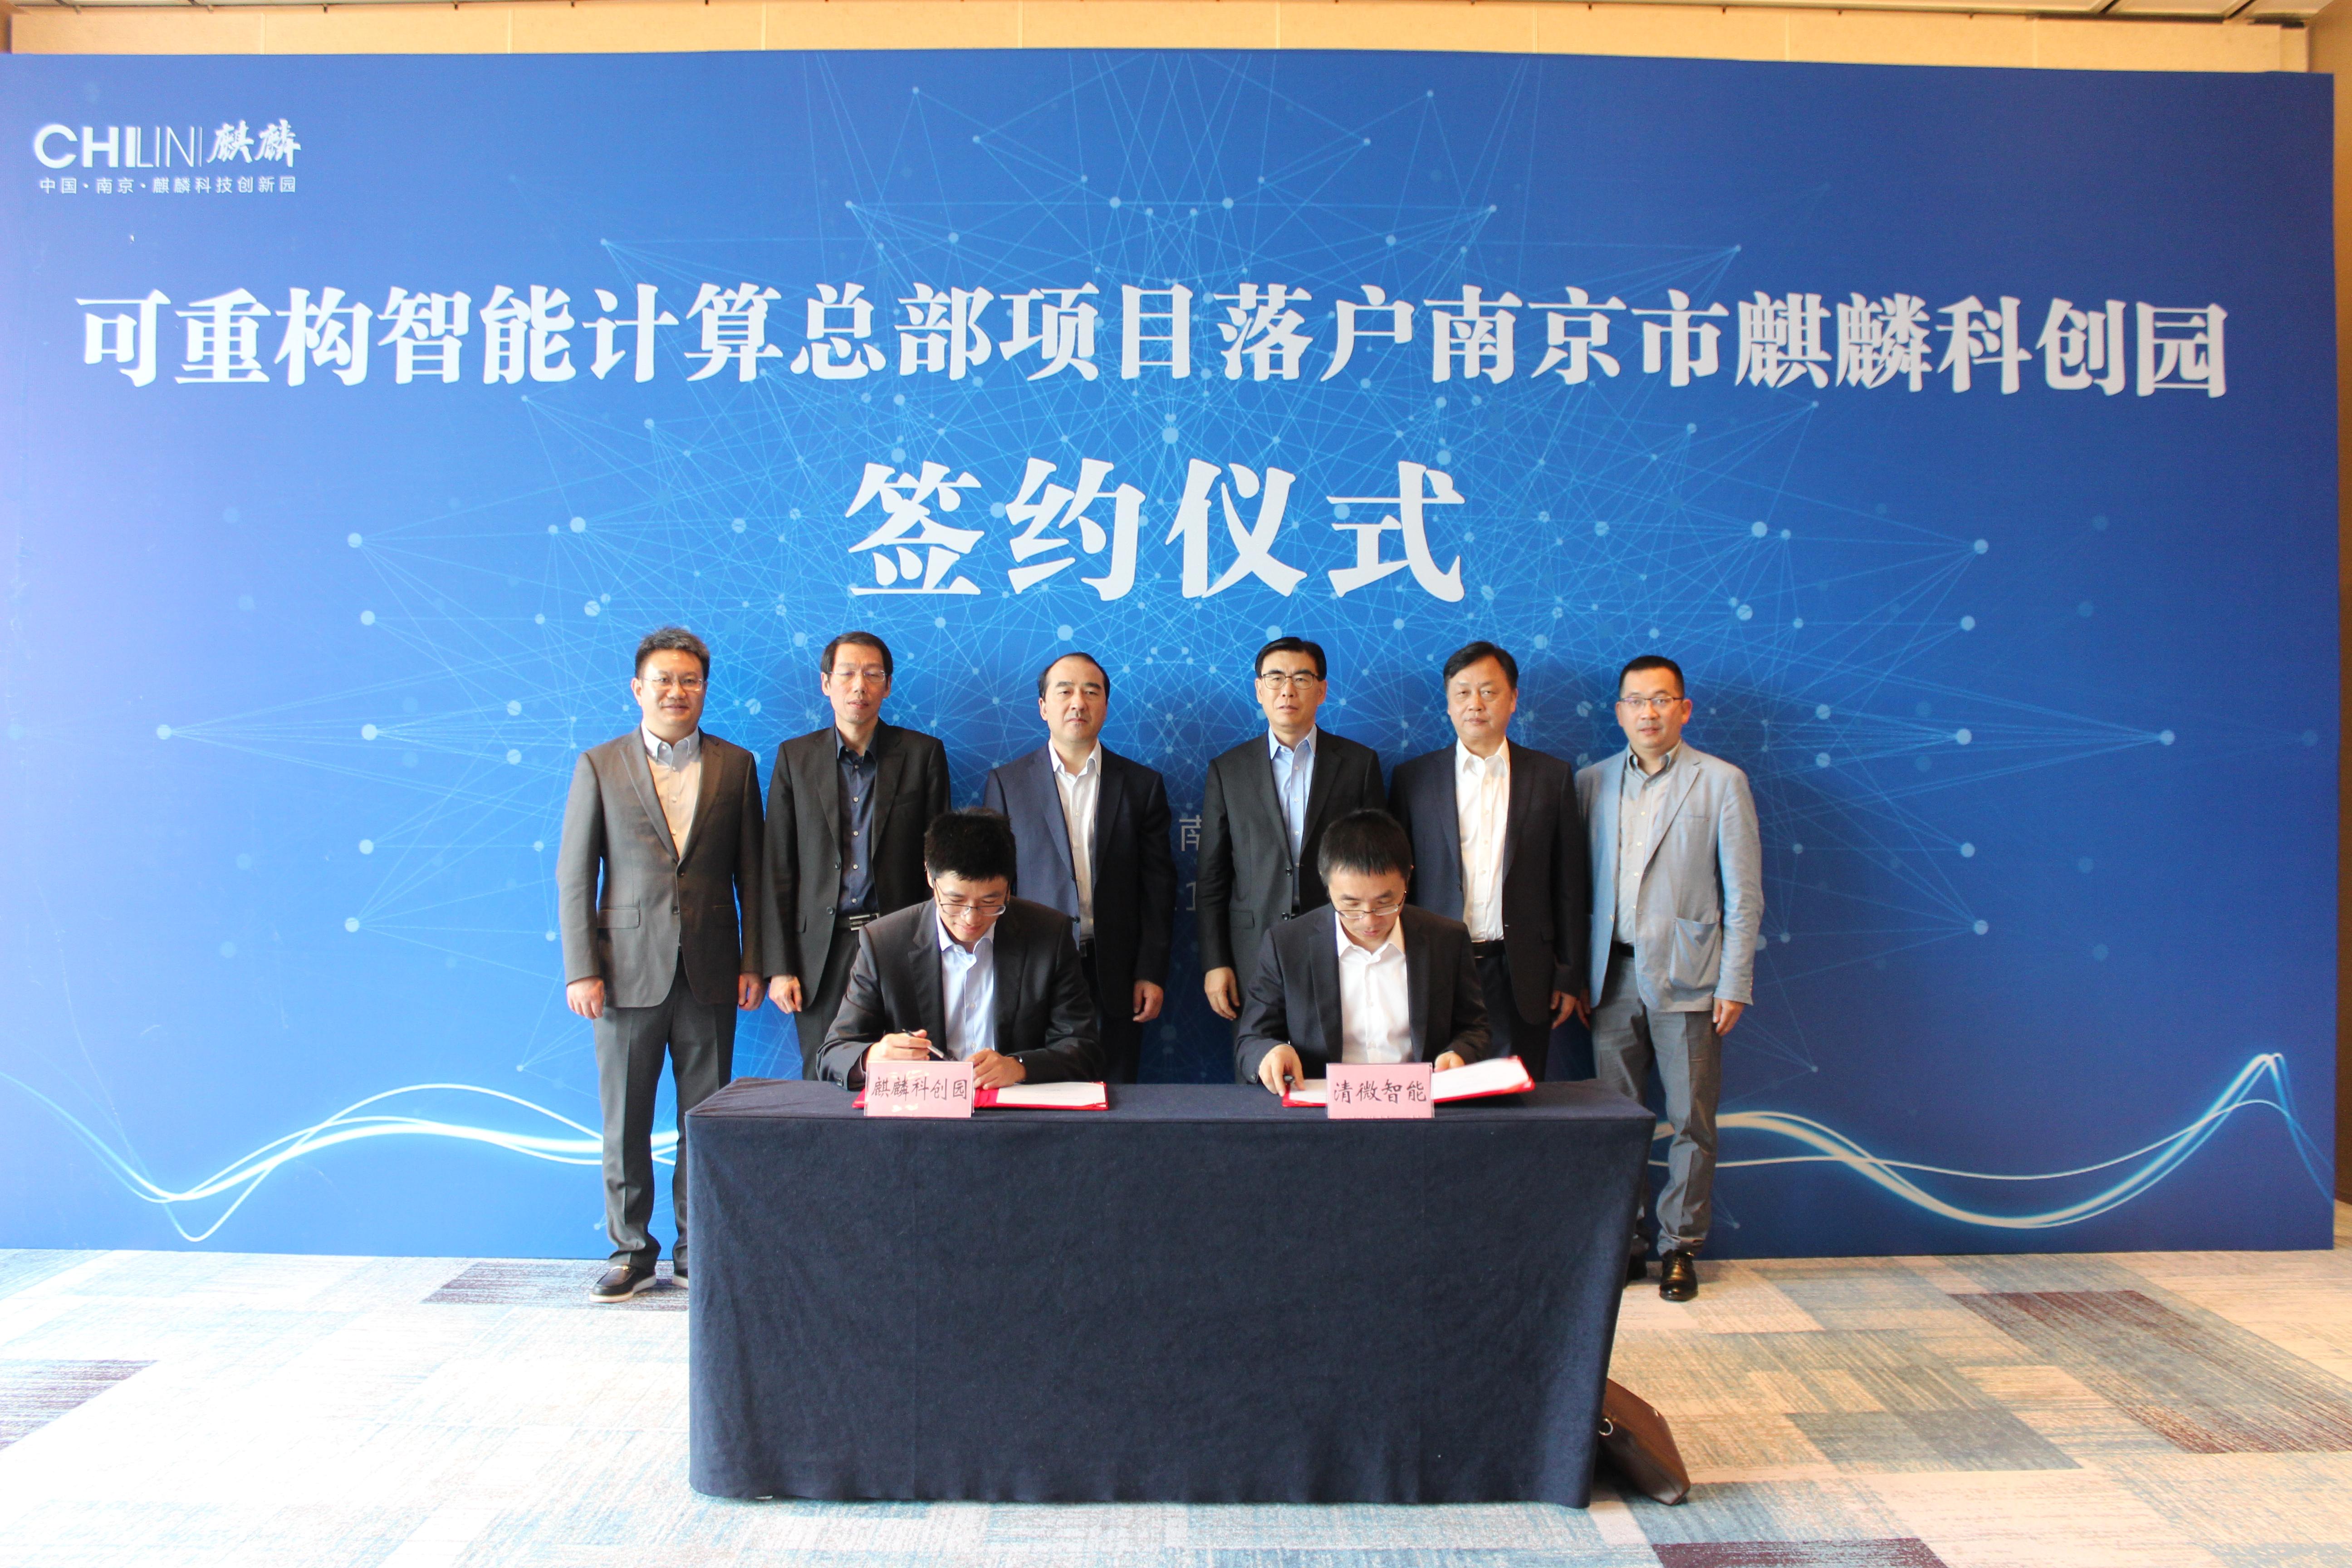 可重构智能计算总部签约落户南京市麒麟科创园